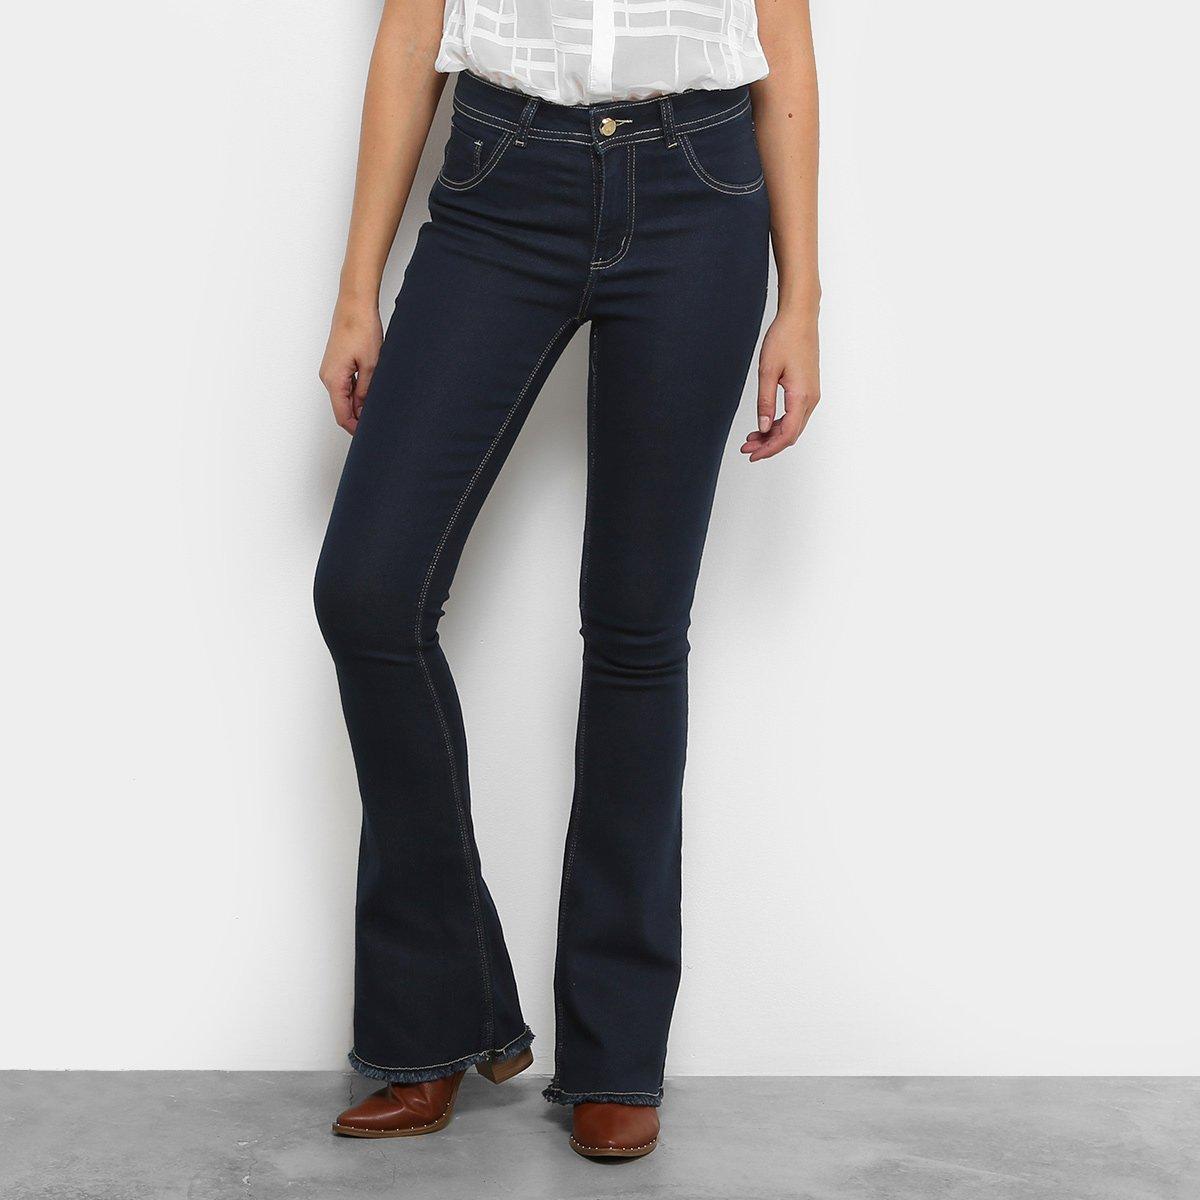 Calça Jeans Flare Coffee Barra Desfiada Cintura Alta Feminina - Compre  Agora   Netshoes 95361375d6